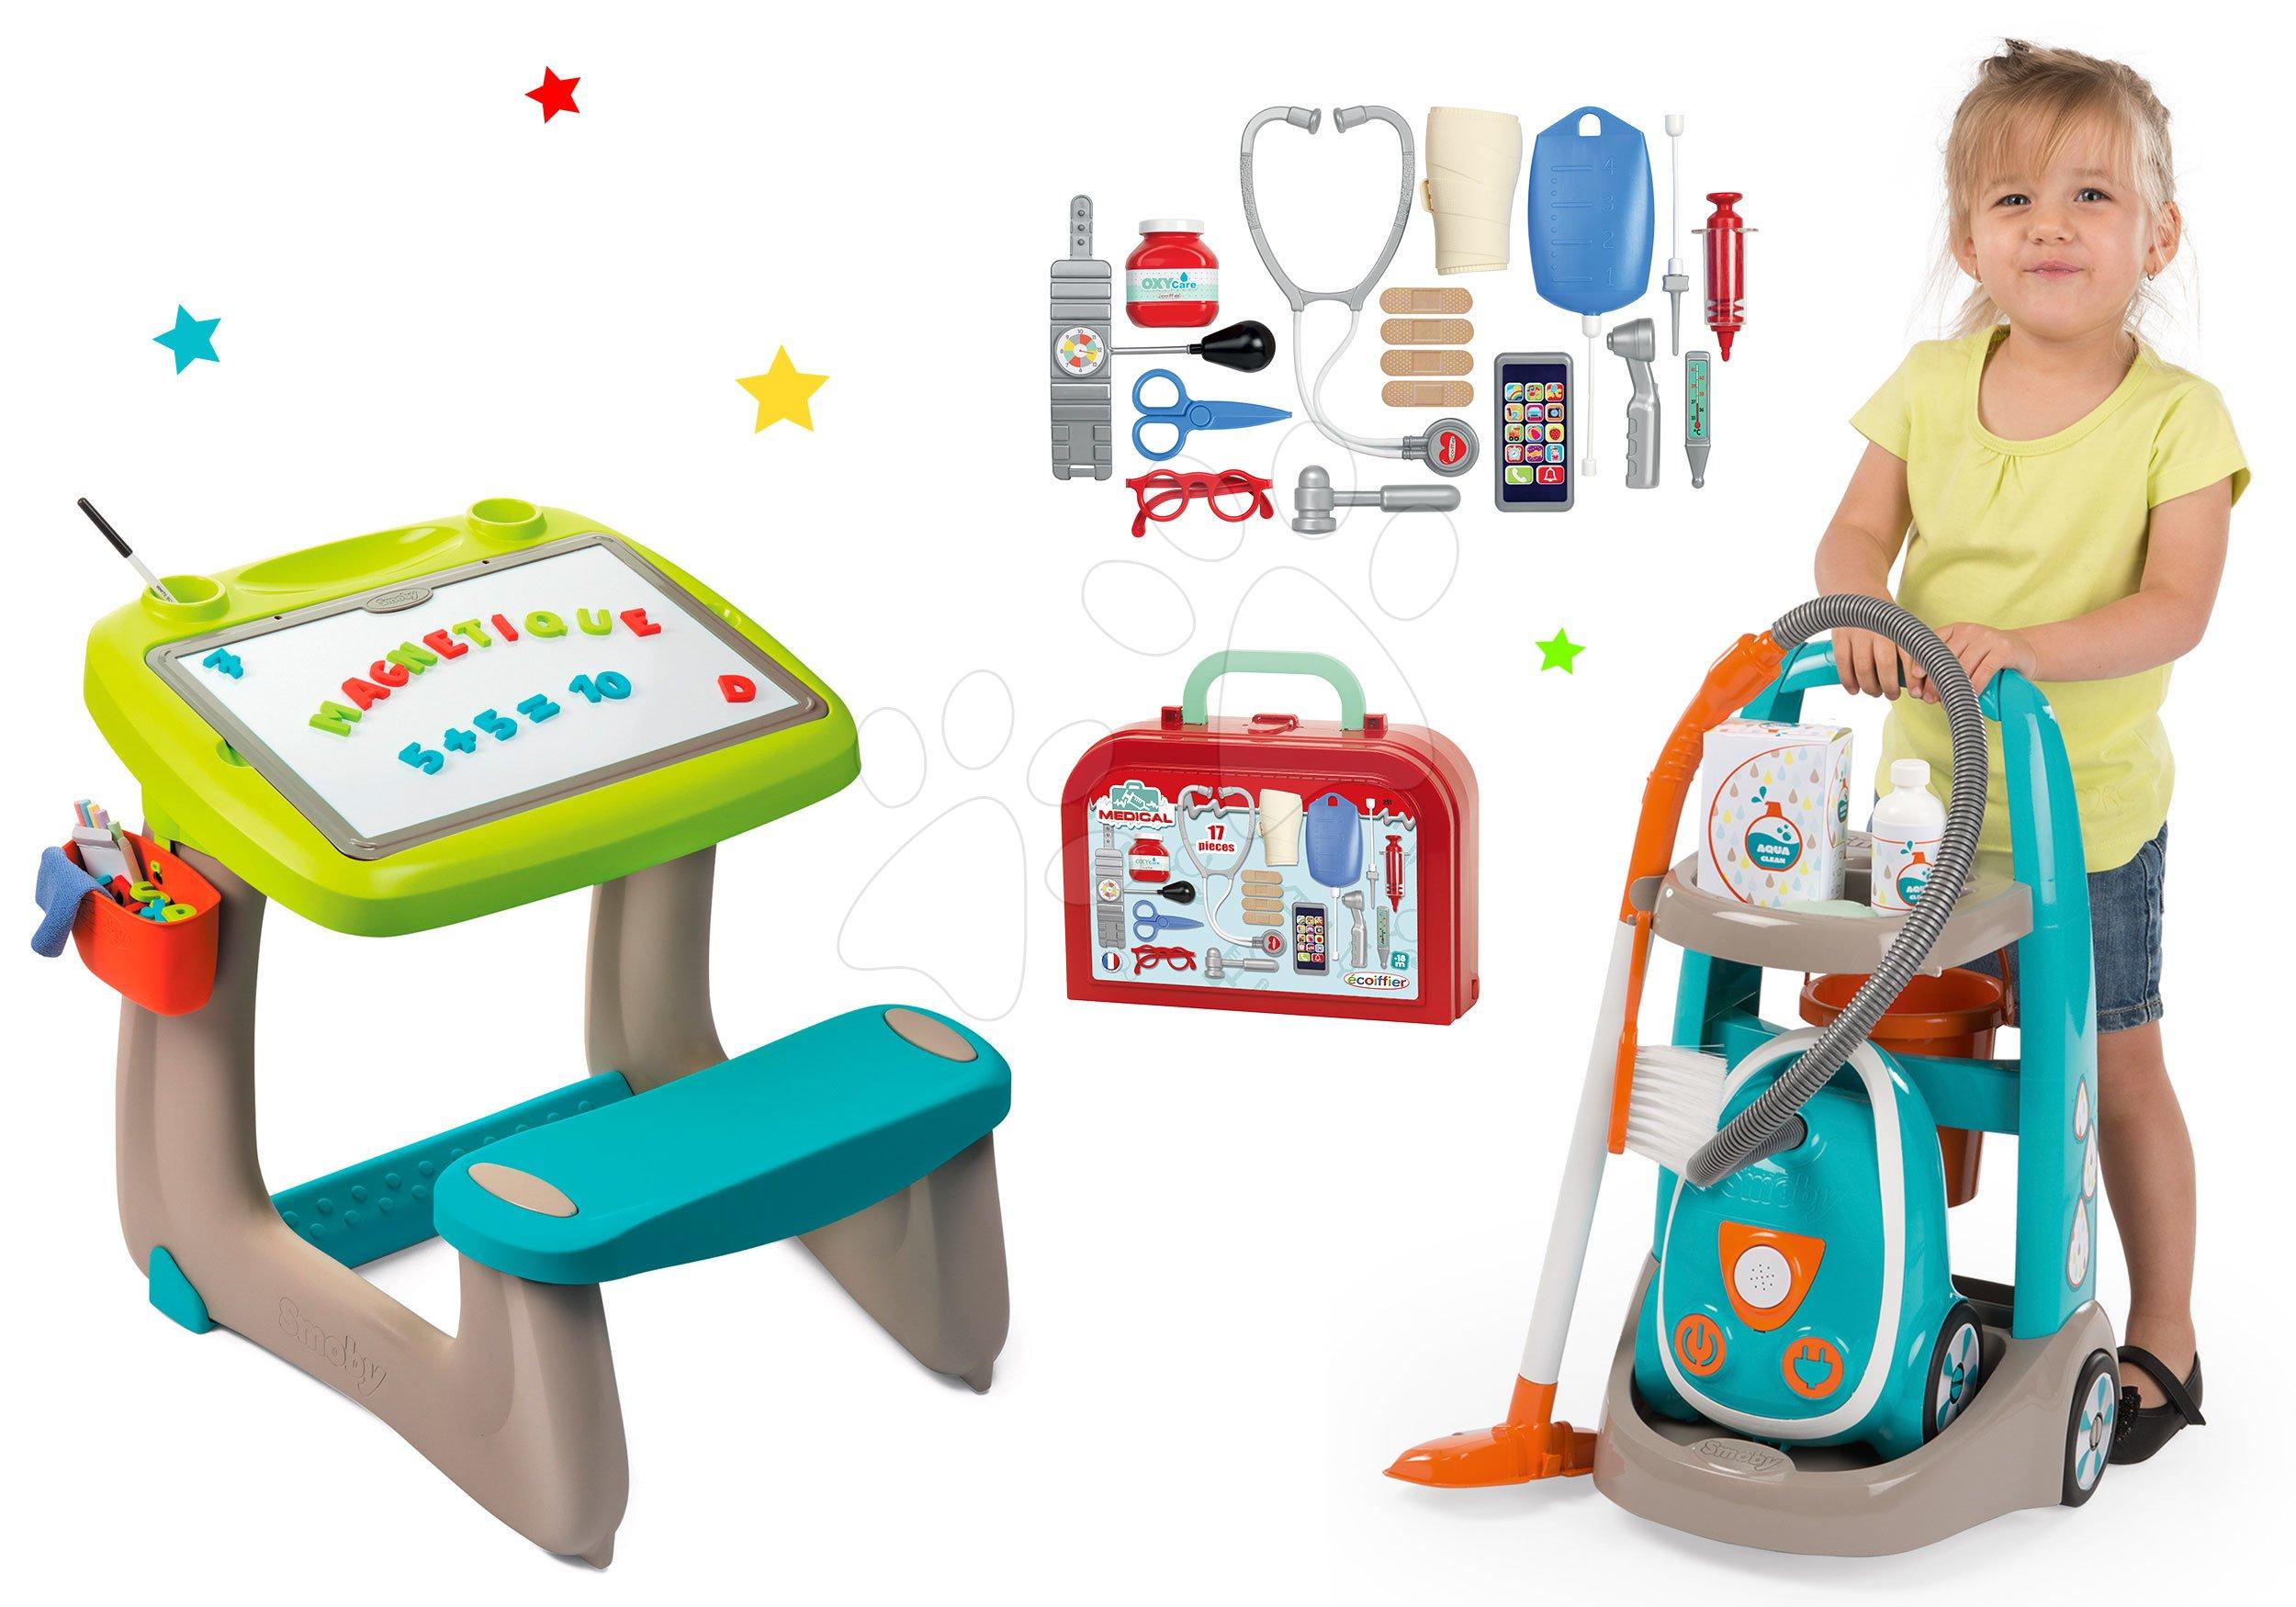 Hry na domácnosť - Set upratovací vozík s elektronickým vysávačom Vacuum Cleaner Smoby a lavica s obojstrannou tabuľou alekárskym kufríkom